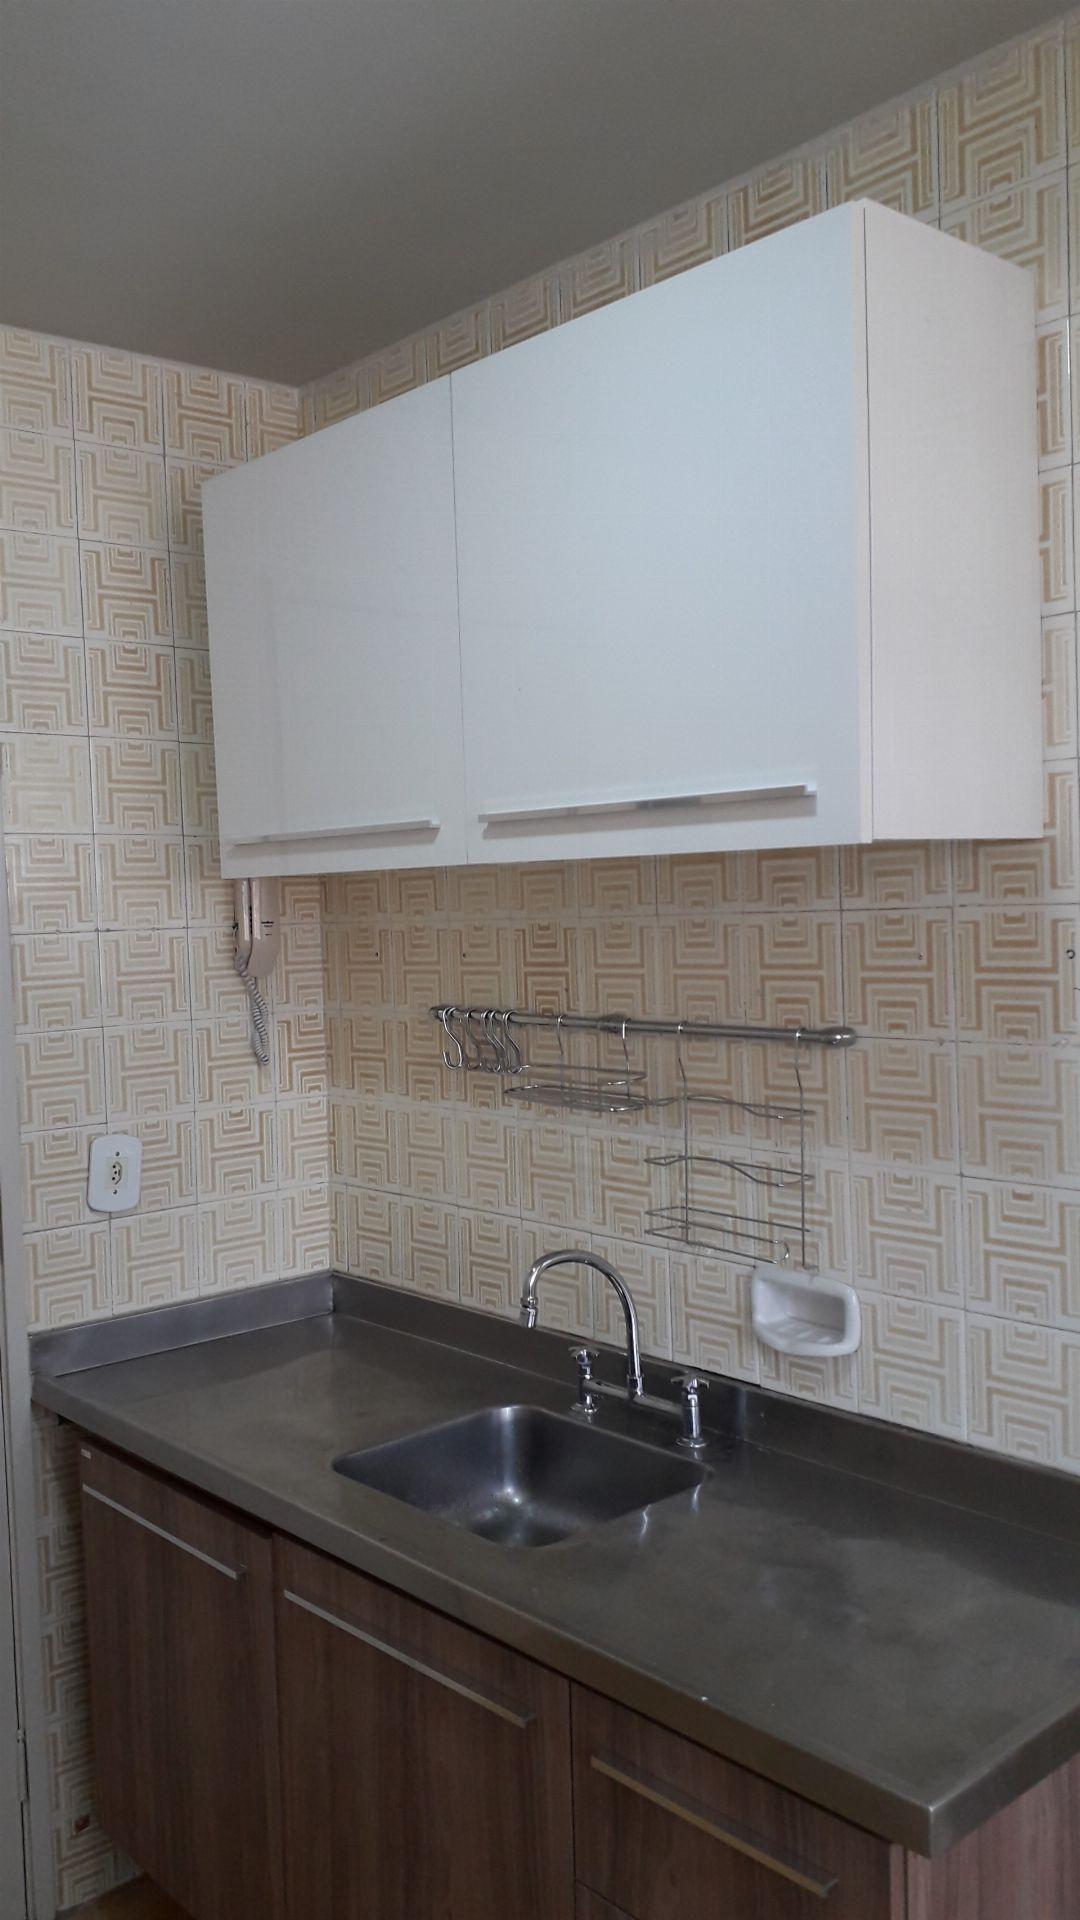 COZINHA - Apartamento À Venda - Tijuca - Rio de Janeiro - RJ - 000481 - 15